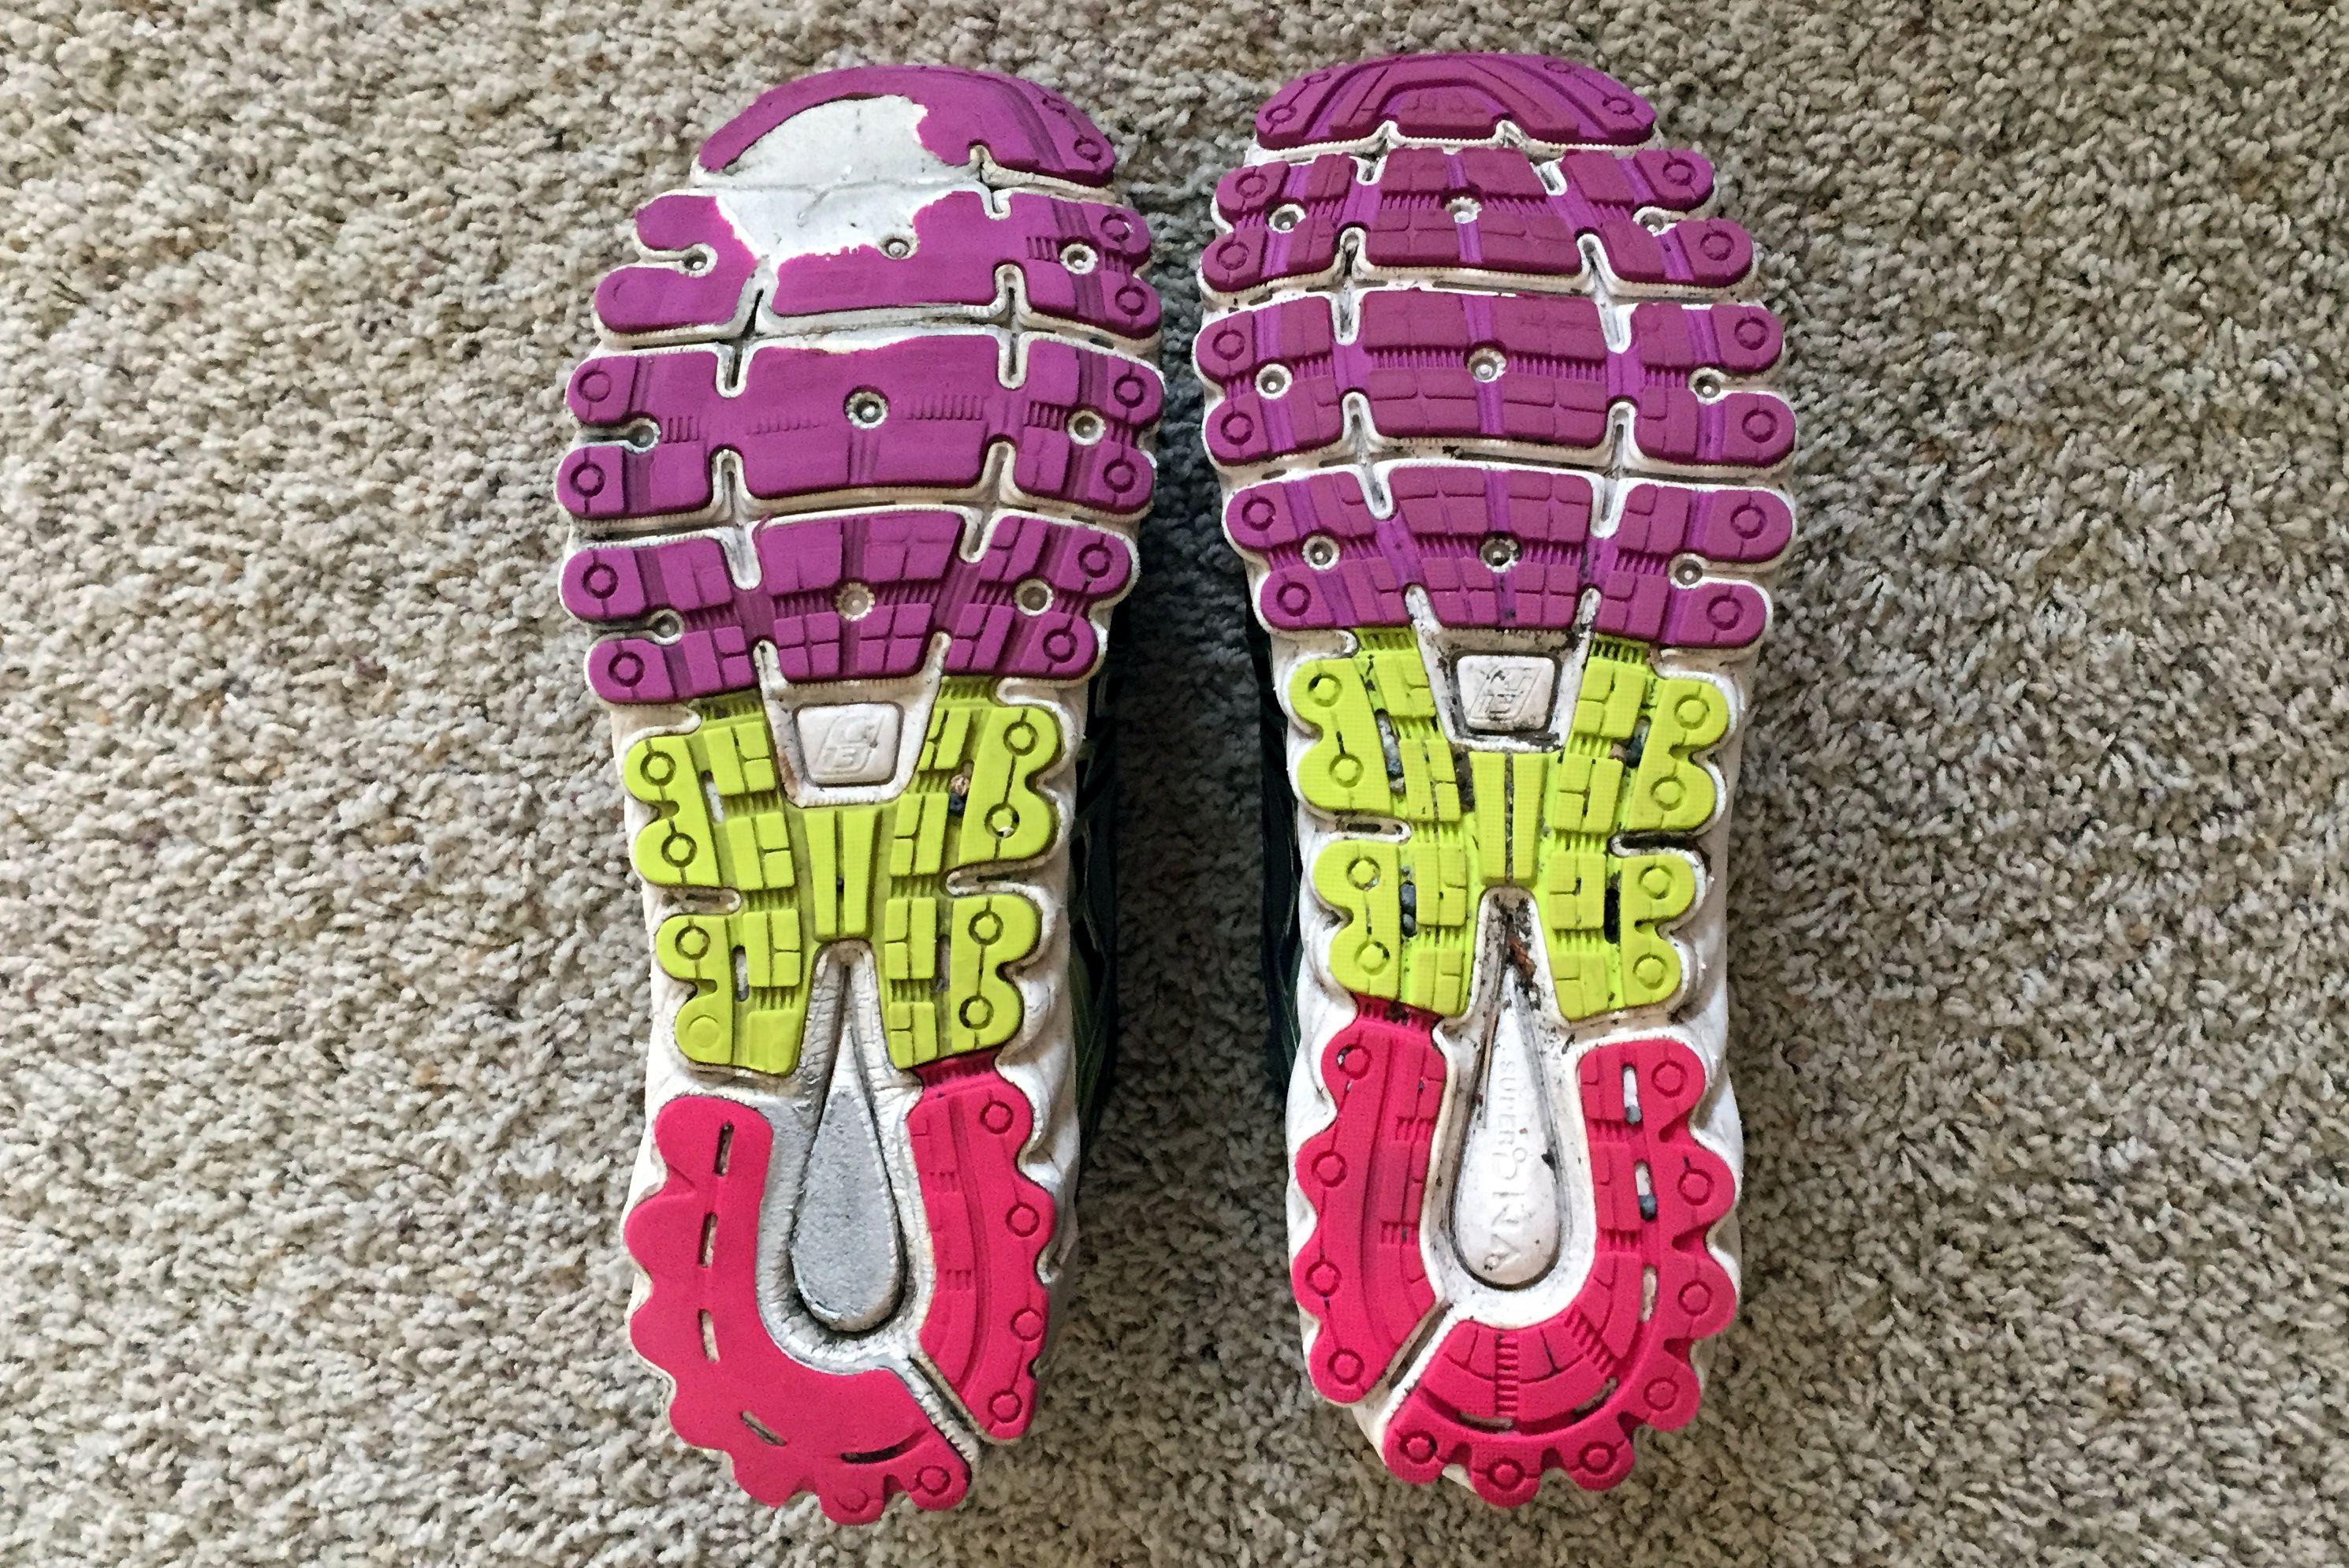 Zapato gastado en comparación con zapato más nuevo